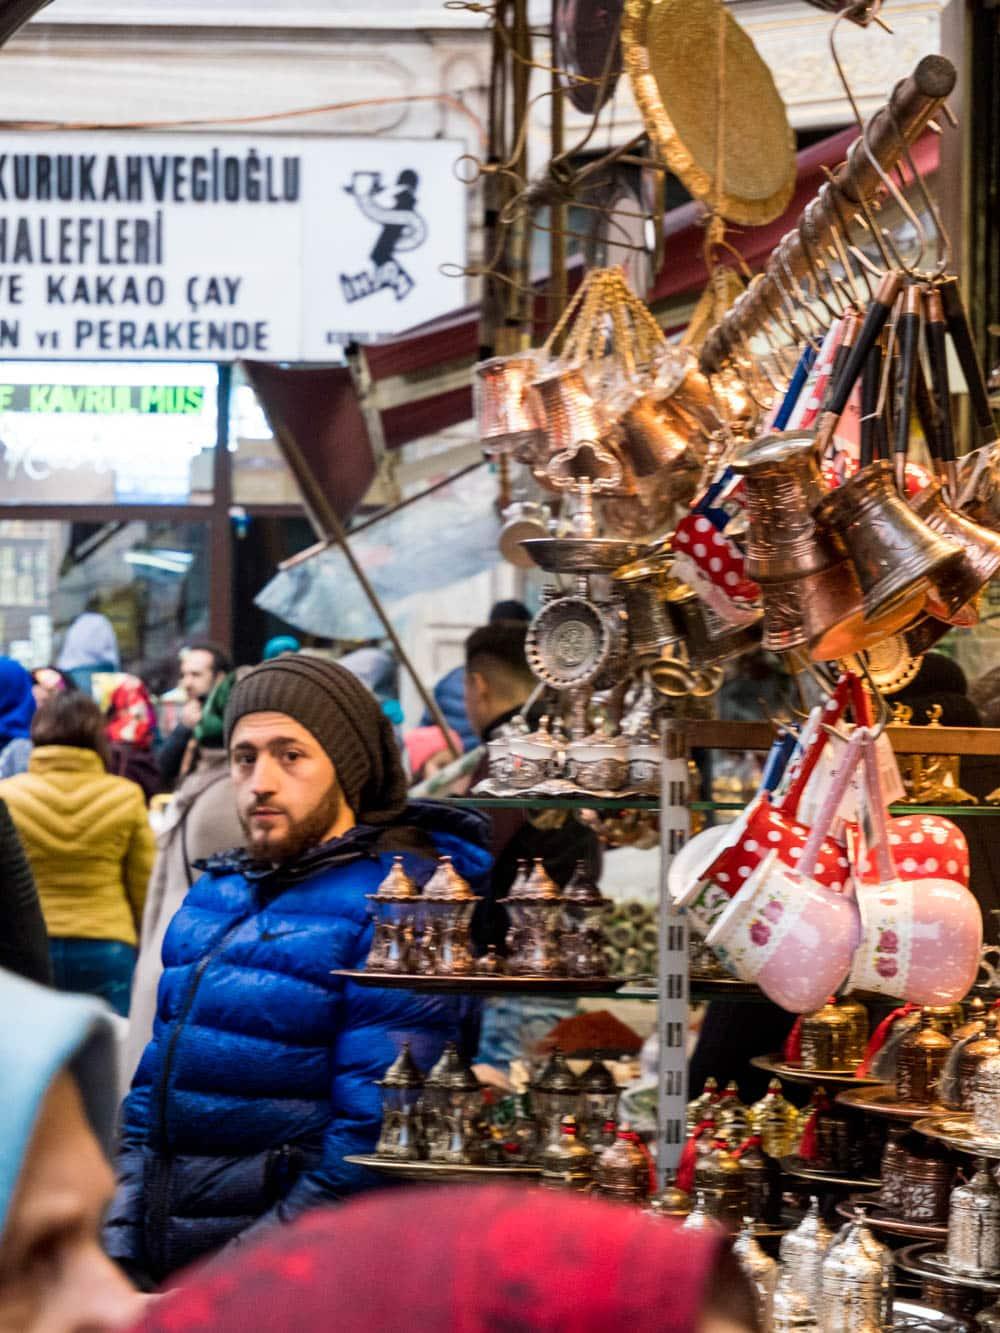 Selger i bod for tyrkiske kaffekjeler og teutstyr ved kryddermarkedet i Istanbul (Misir carsisi) / Et kjøkken i Istanbul